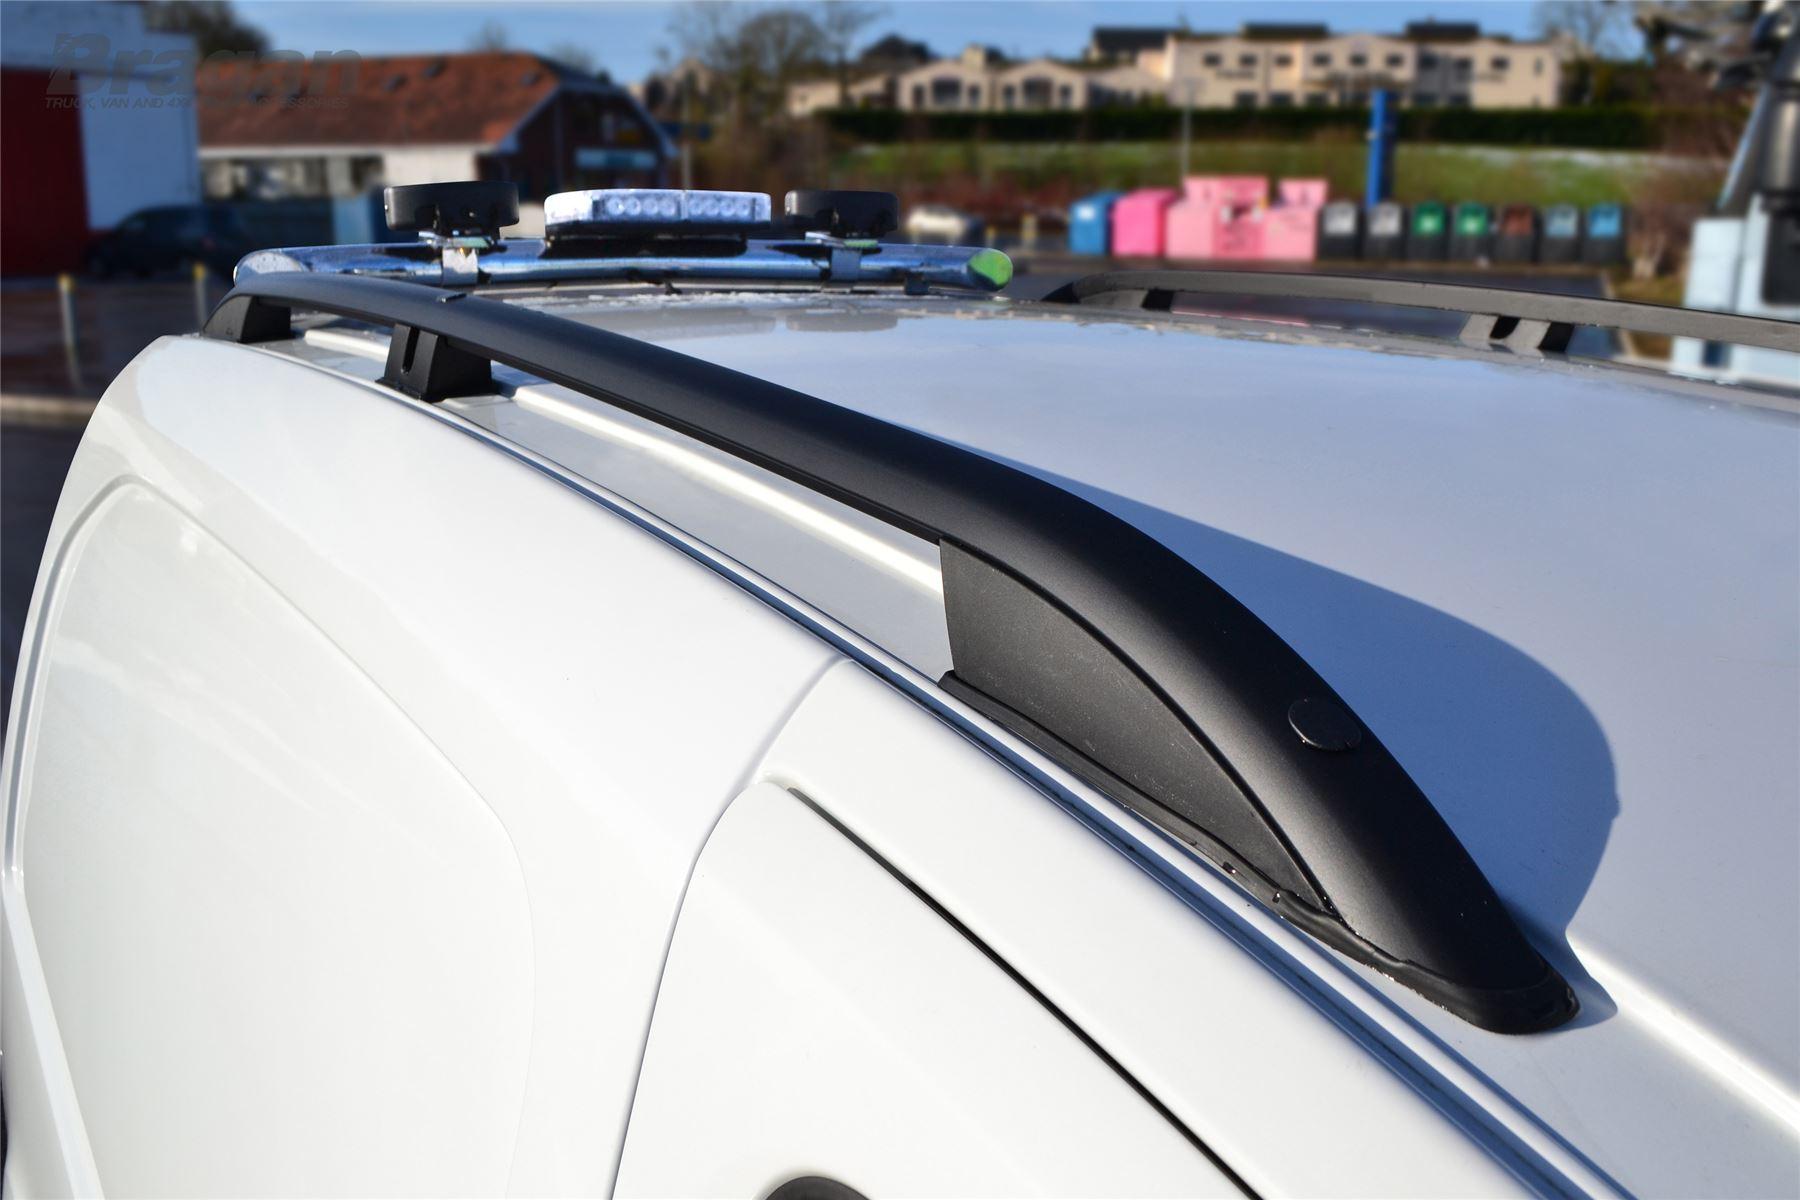 2008 Peugeot Partner Citroen Berlingo Black Aluminium